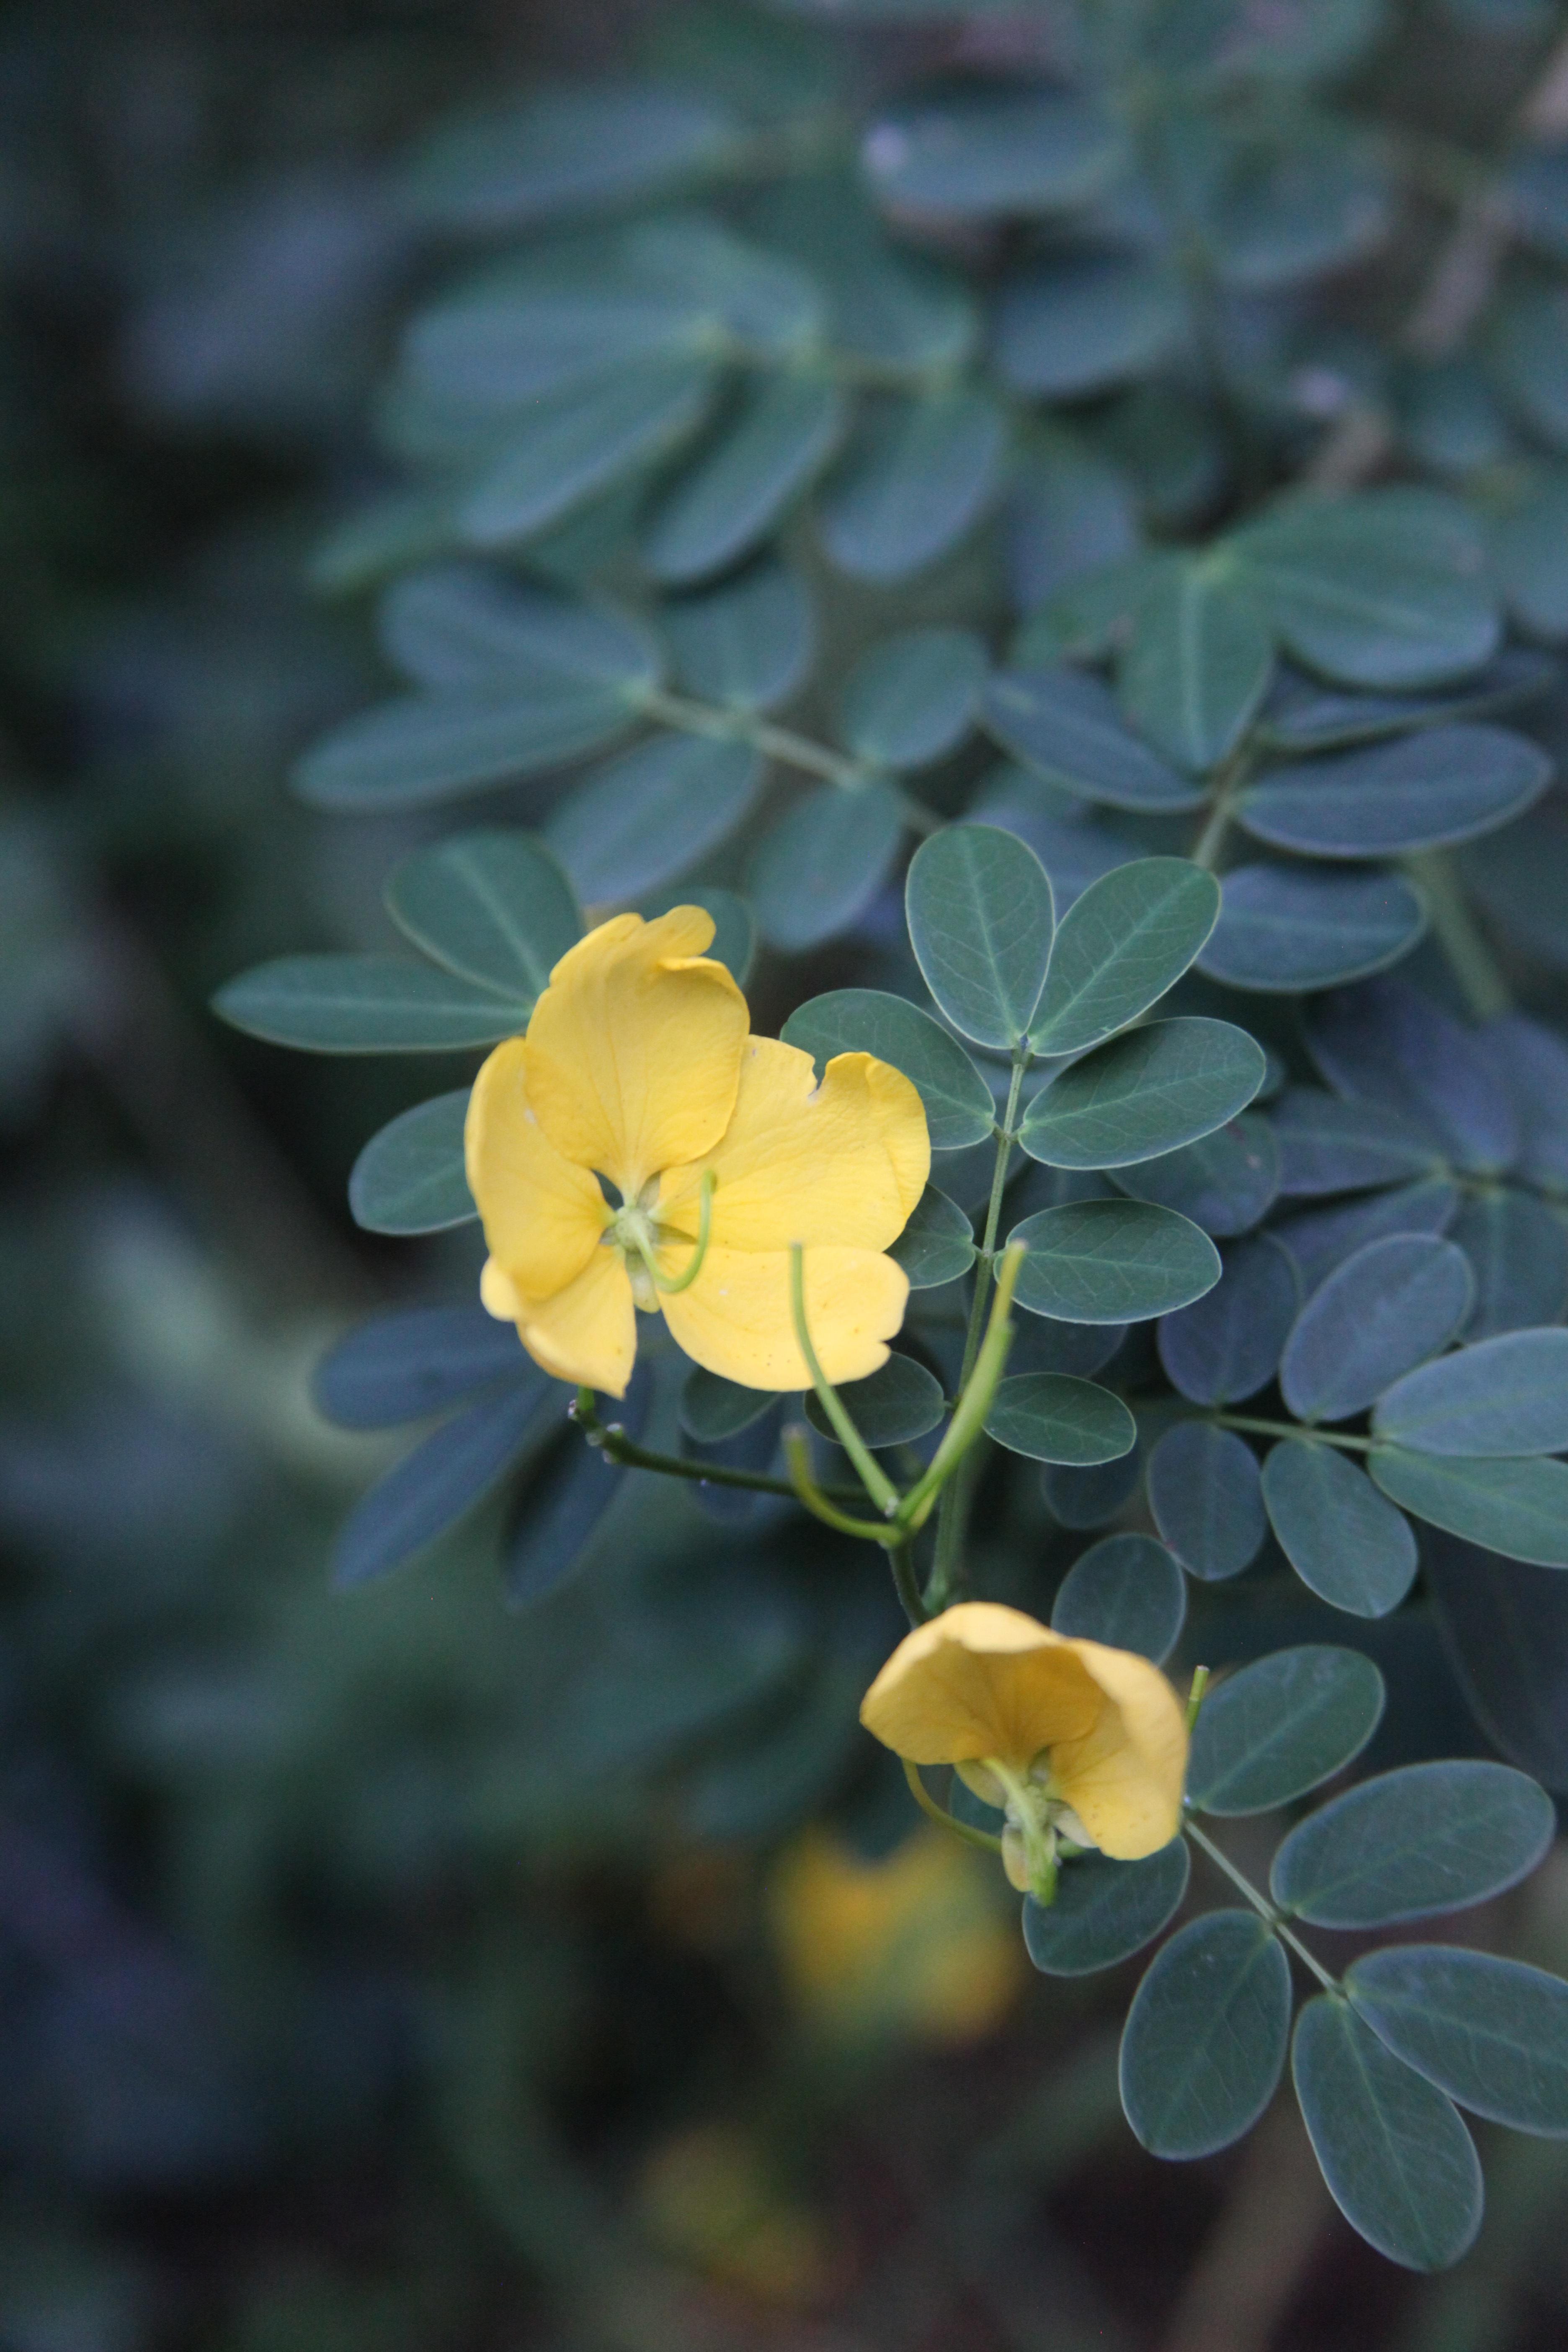 Free Images Nature Outdoor Blossom Leaf Flower Petal Bloom